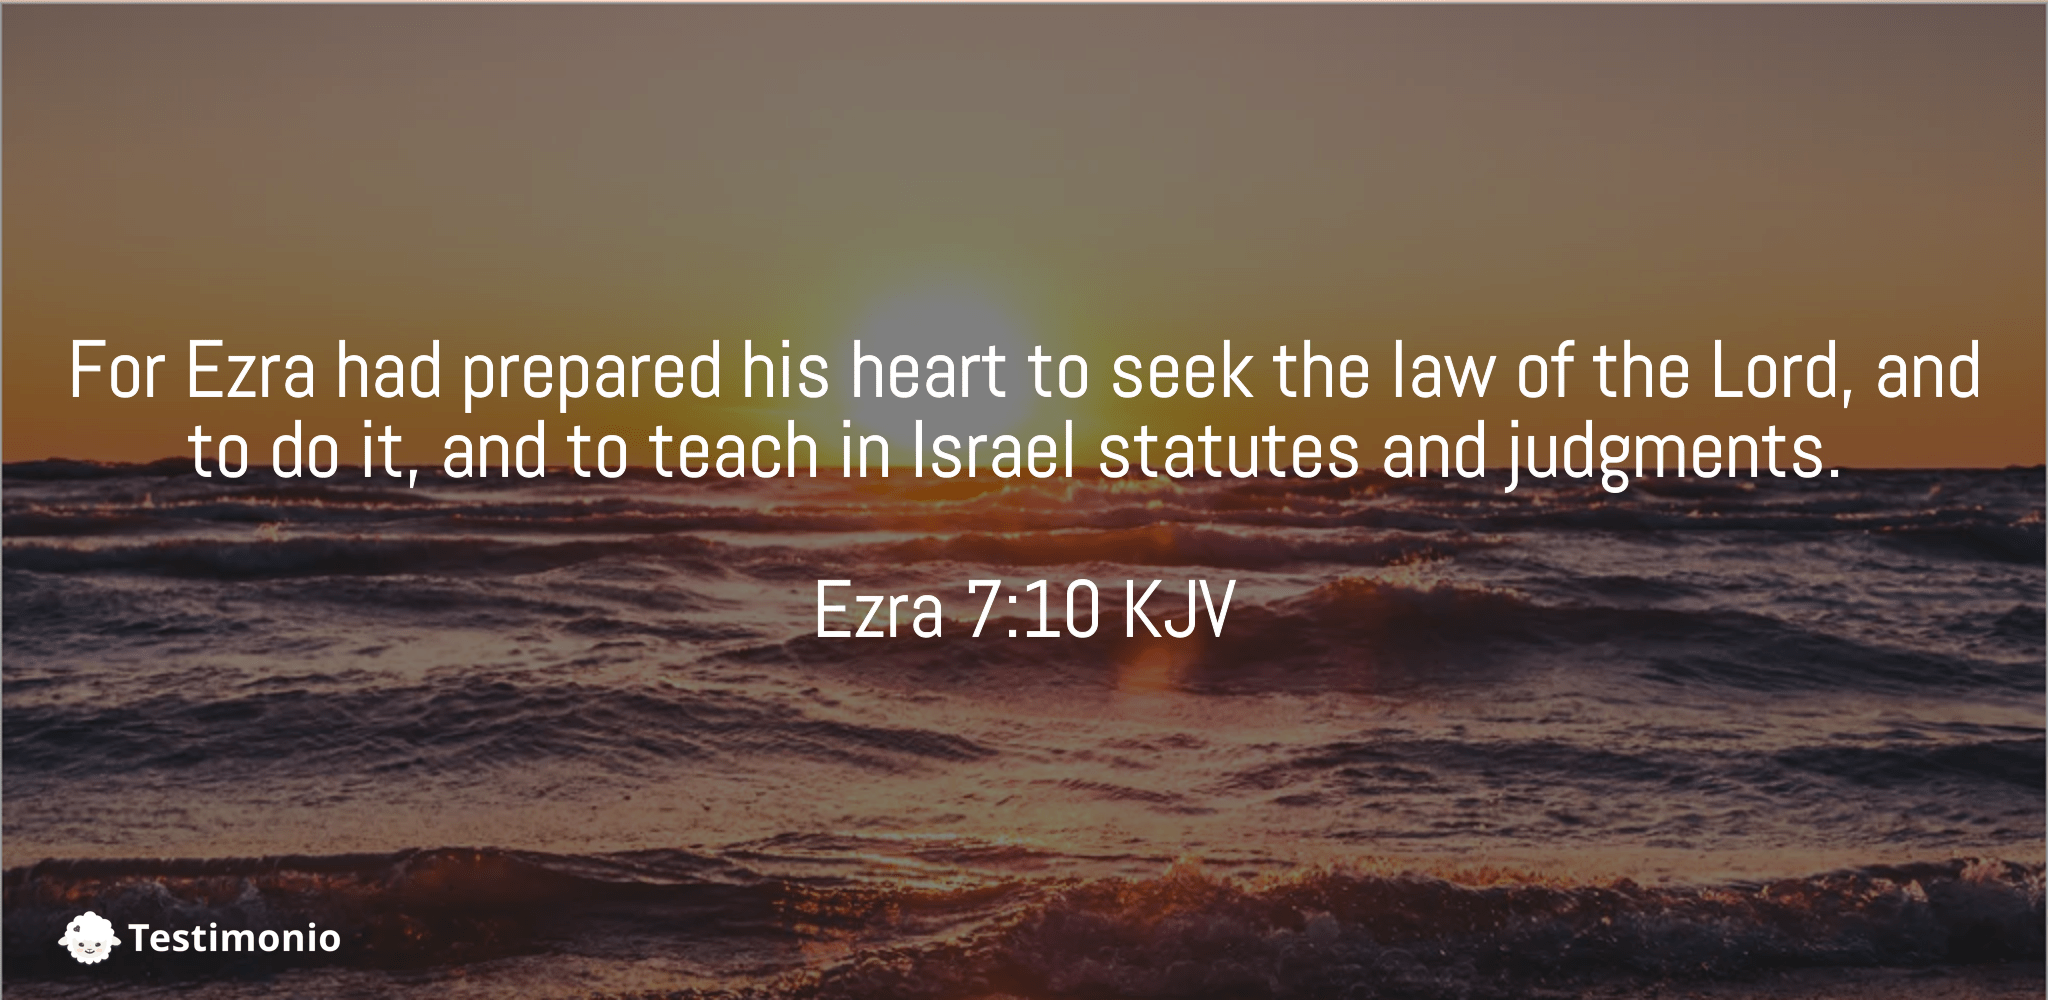 Ezra 7:10